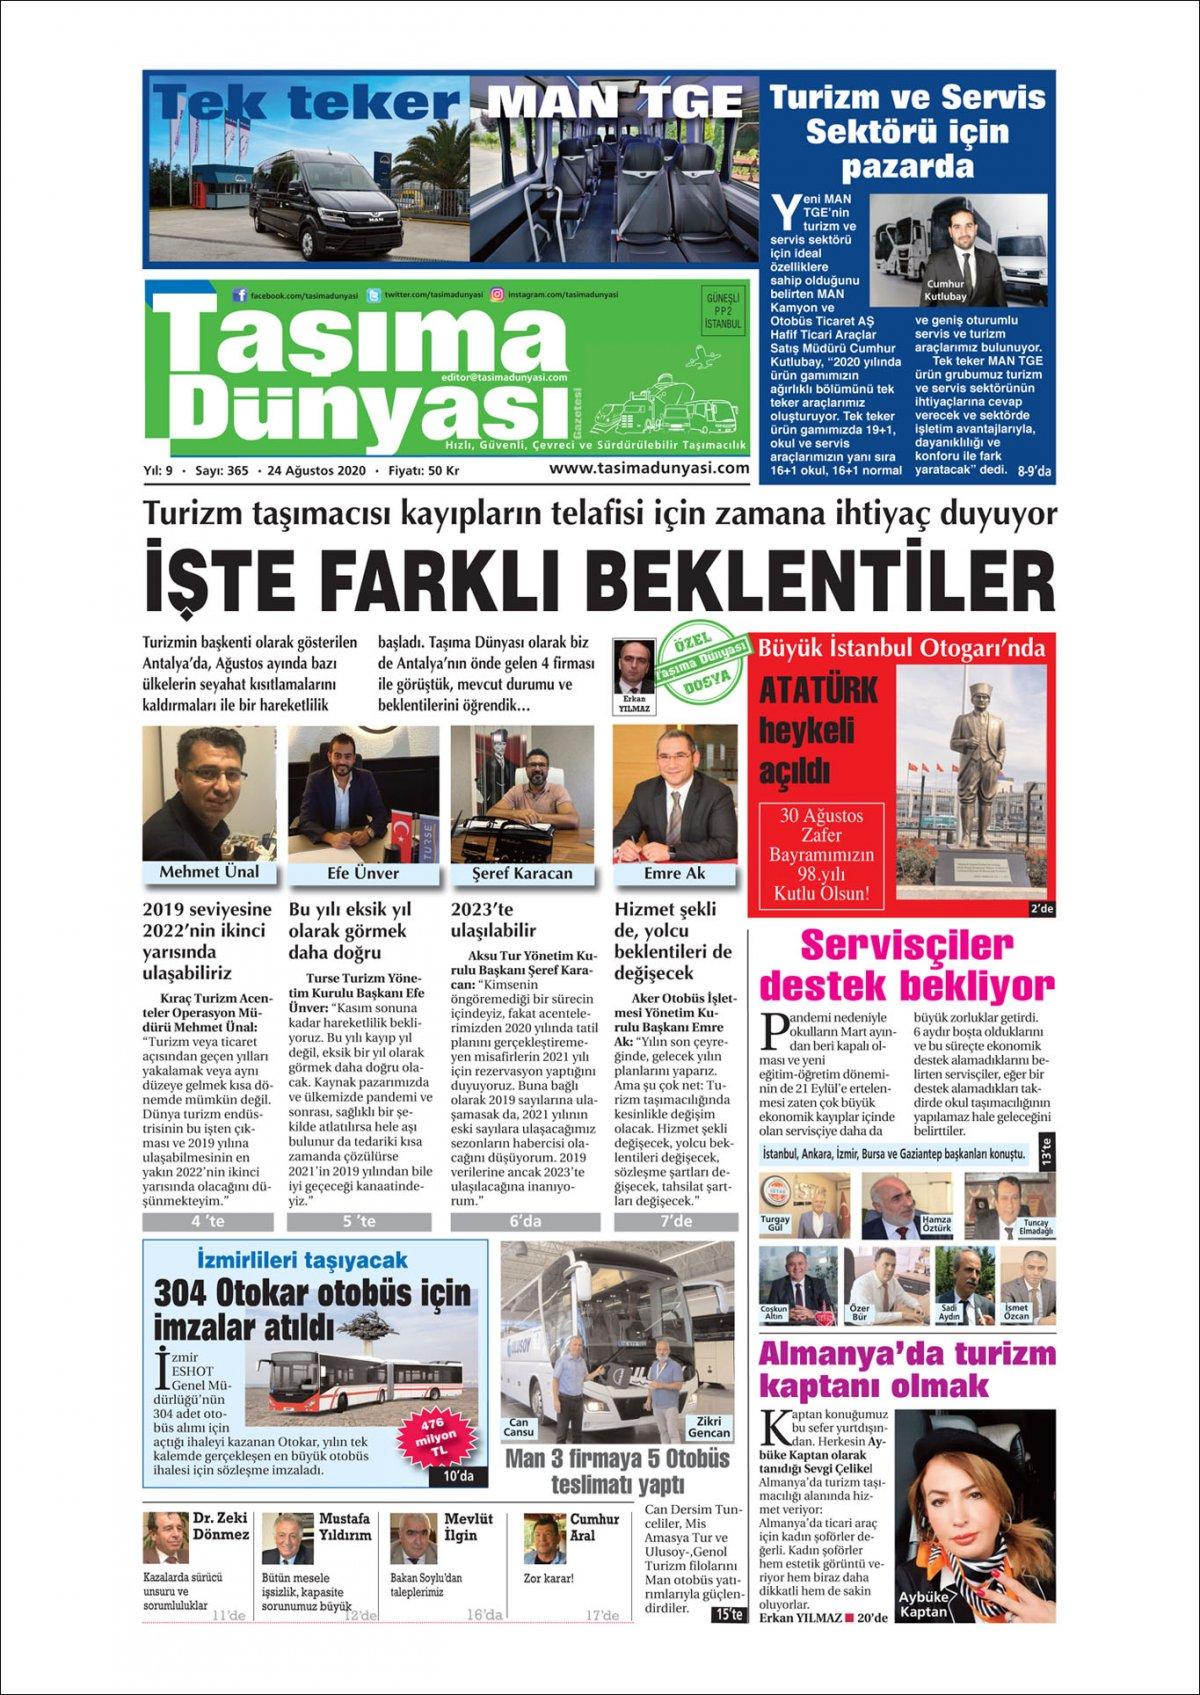 Taşıma Dünyası Gazetesi - 24.08.2020 Manşeti